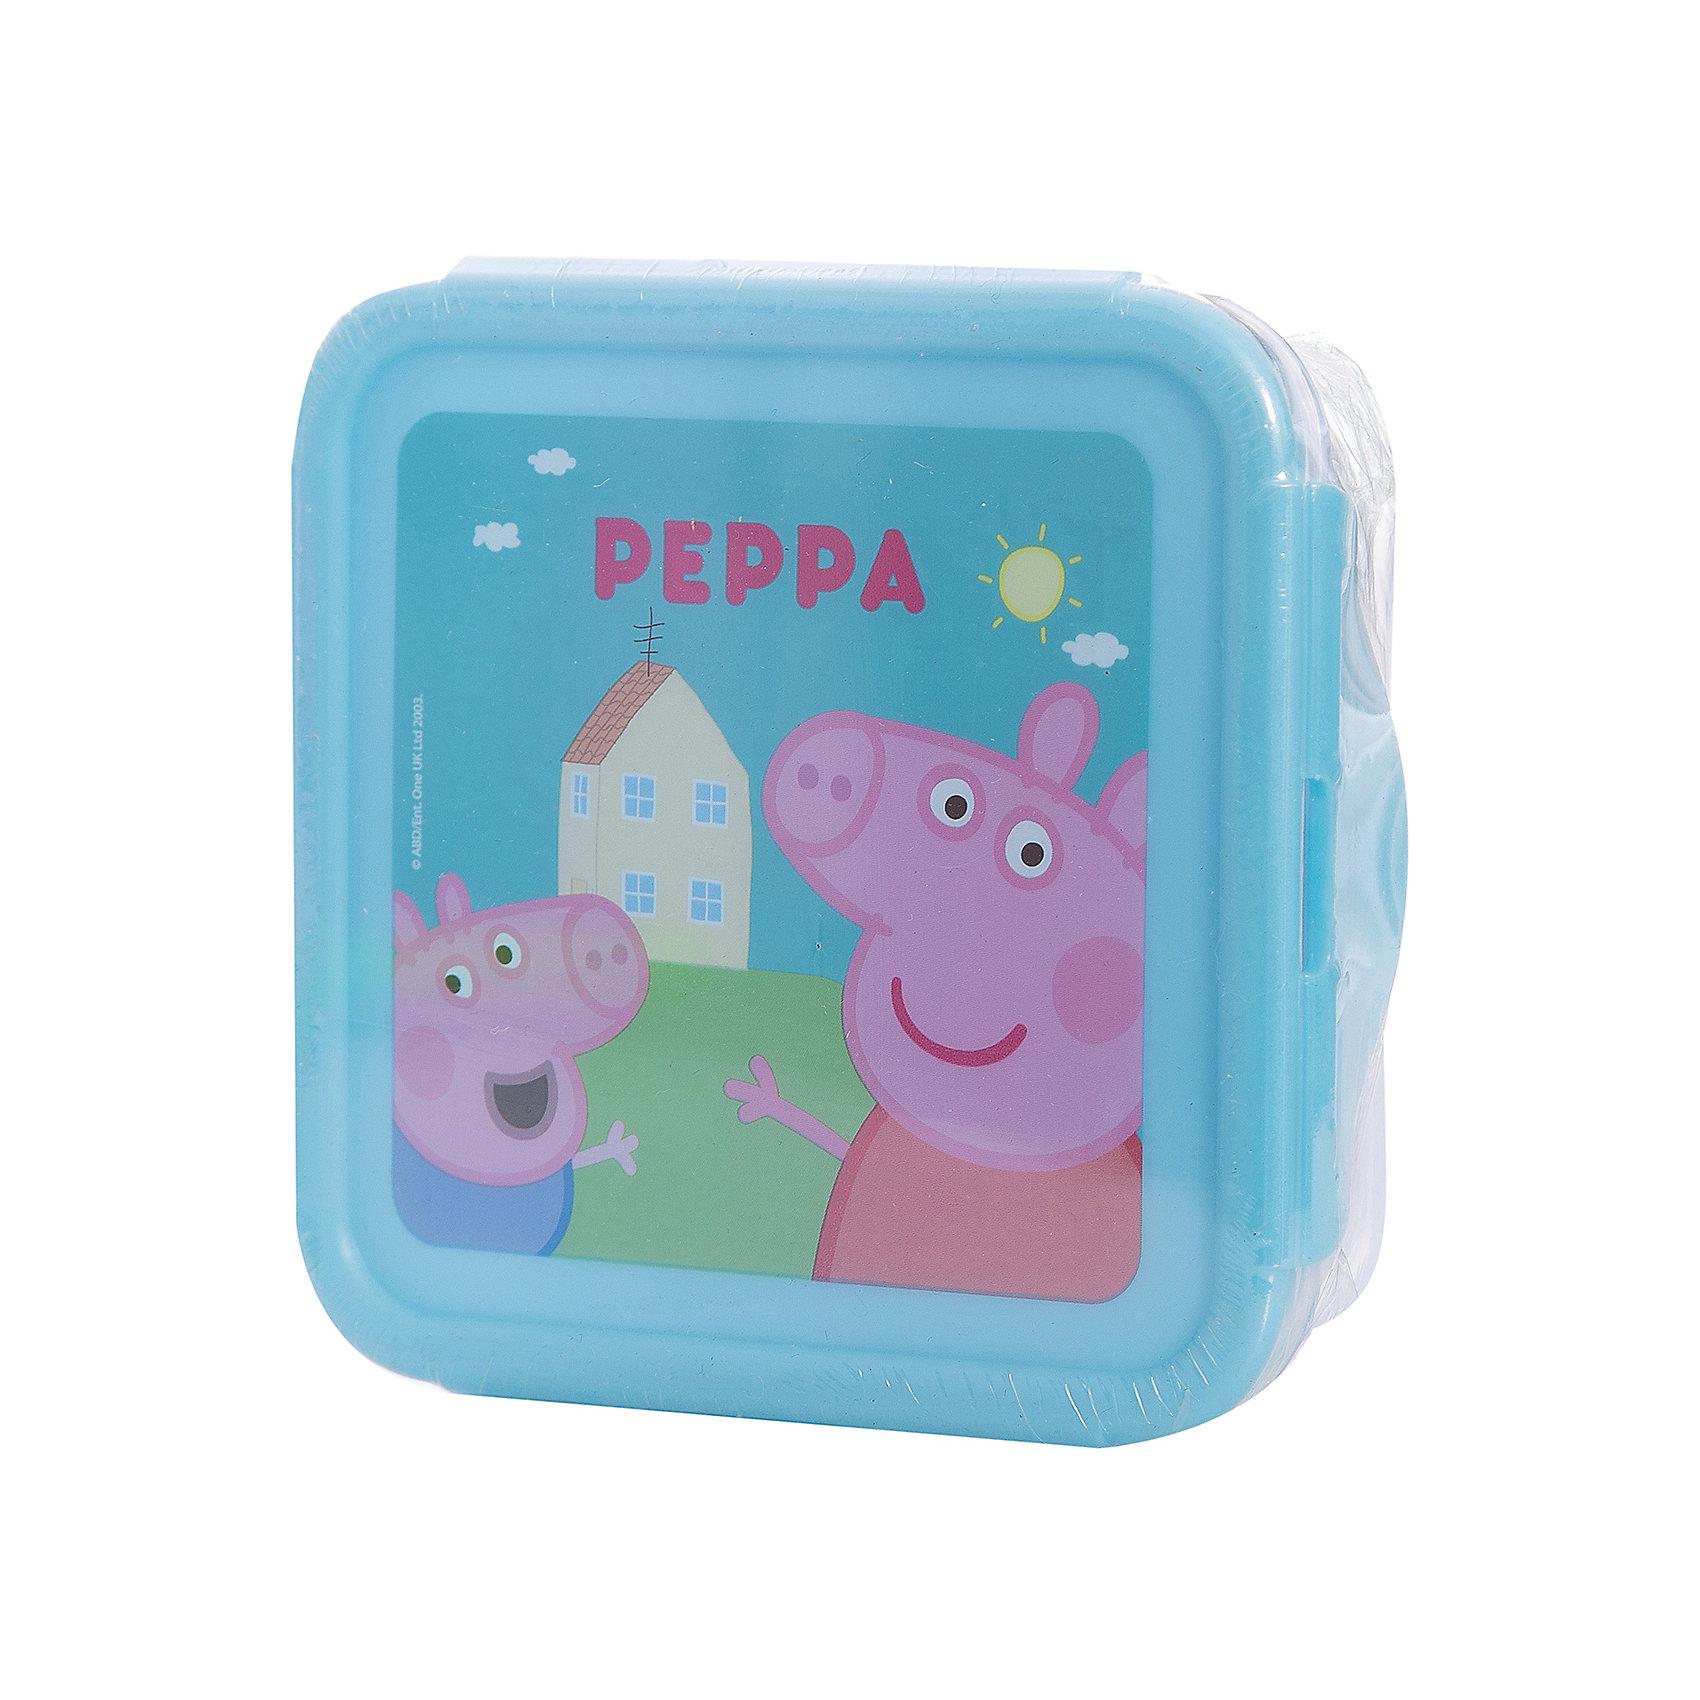 Универсальный контейнер, Свинка ПеппаБутылки для воды и бутербродницы<br>Контейнер с изображением веселой свинки Пеппы прекрасно подойдет для хранения любых мелочей или же его можно использовать как бутербродницу. Контейнер выполнен из высококачественного пищевого пластика, имеет удобную крышку с замками, которые легко и удобно открываются. <br><br>Дополнительная информация:<br><br>- Материал: пластик.<br>- Размер: 13х13х5 см.<br>- Удобные замки. <br><br>Универсальный контейнер, Свинка Пеппа (Peppa Pig), можно купить в нашем магазине.<br><br>Ширина мм: 130<br>Глубина мм: 130<br>Высота мм: 50<br>Вес г: 96<br>Возраст от месяцев: 36<br>Возраст до месяцев: 144<br>Пол: Унисекс<br>Возраст: Детский<br>SKU: 4761408